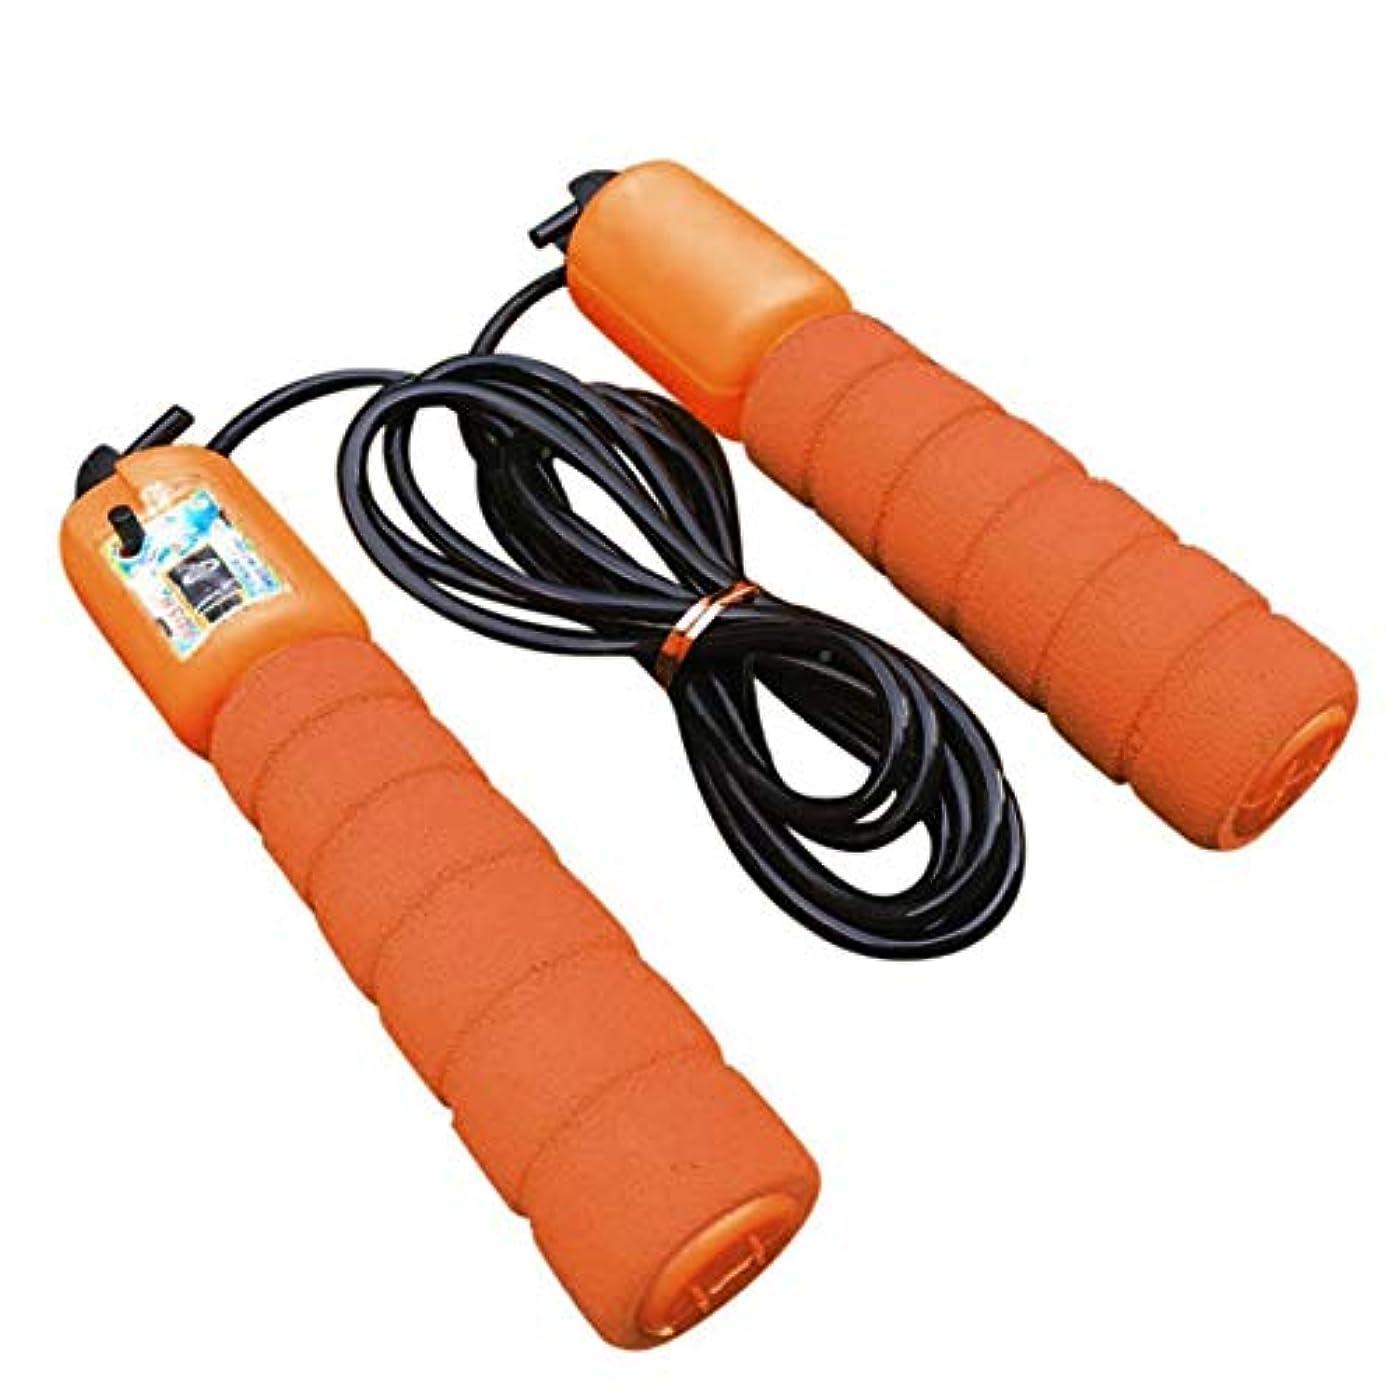 割り当てるオーバーラン引き渡す調整可能なプロのカウント縄跳び自動カウントジャンプロープフィットネス運動高速カウントジャンプロープ - オレンジ